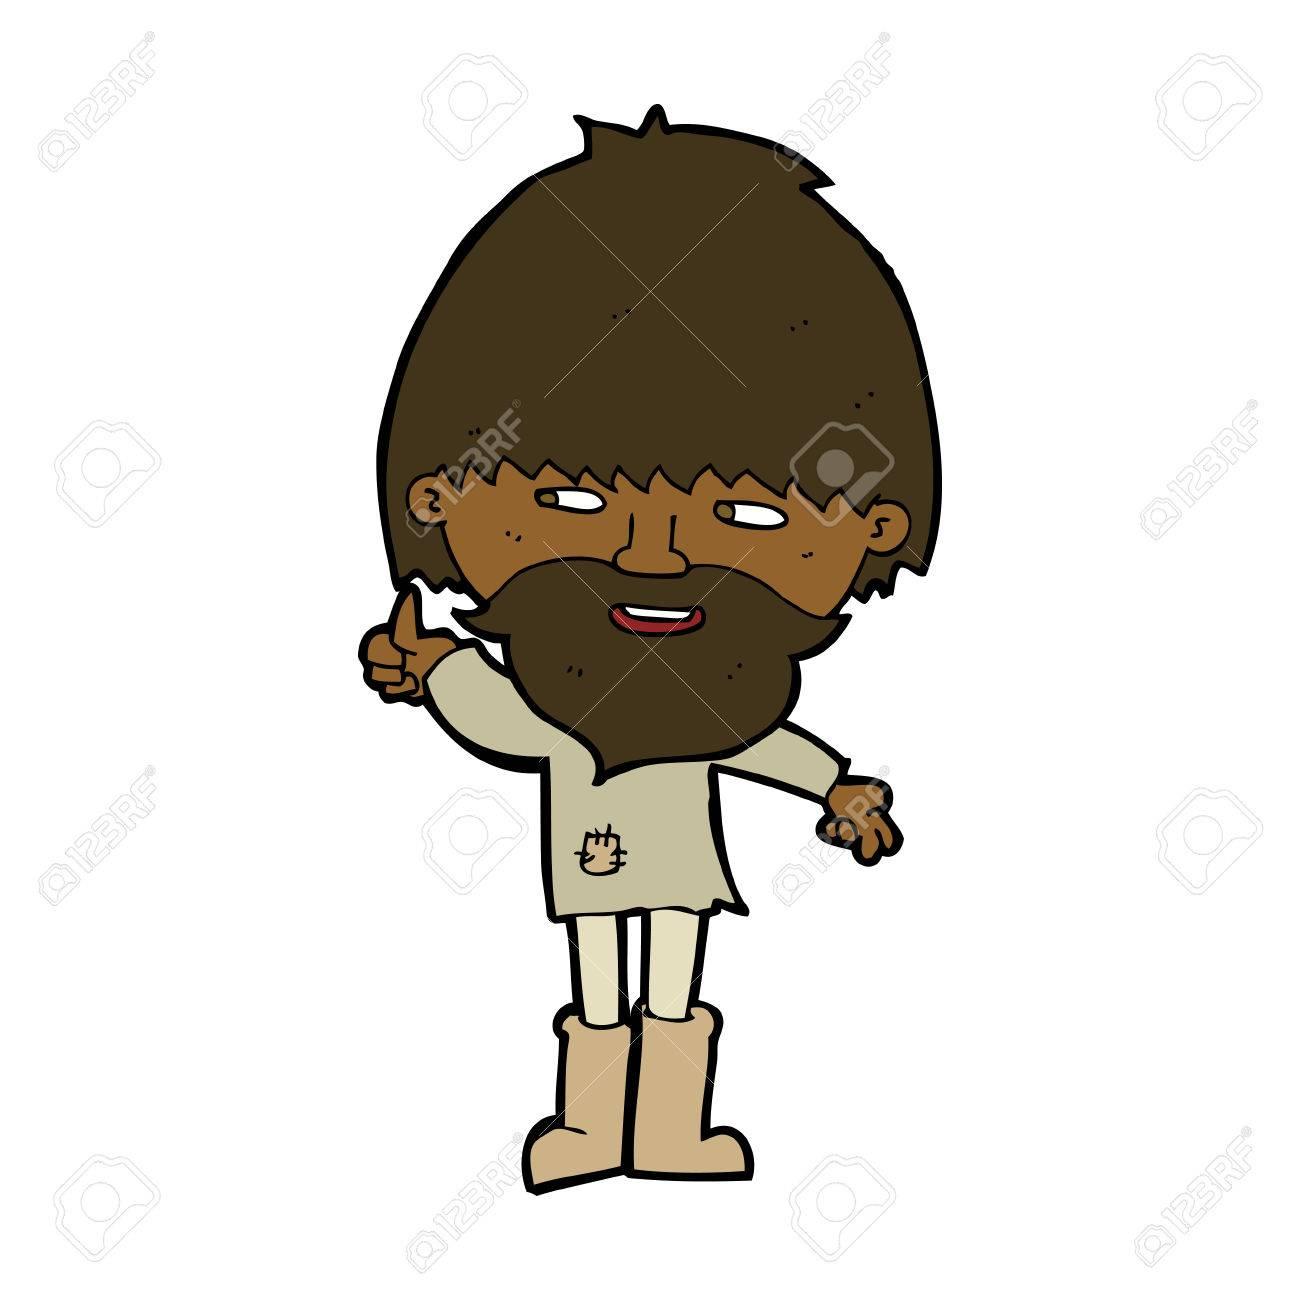 Vettoriale cartone animato hippie uomo in stivali di gomma image